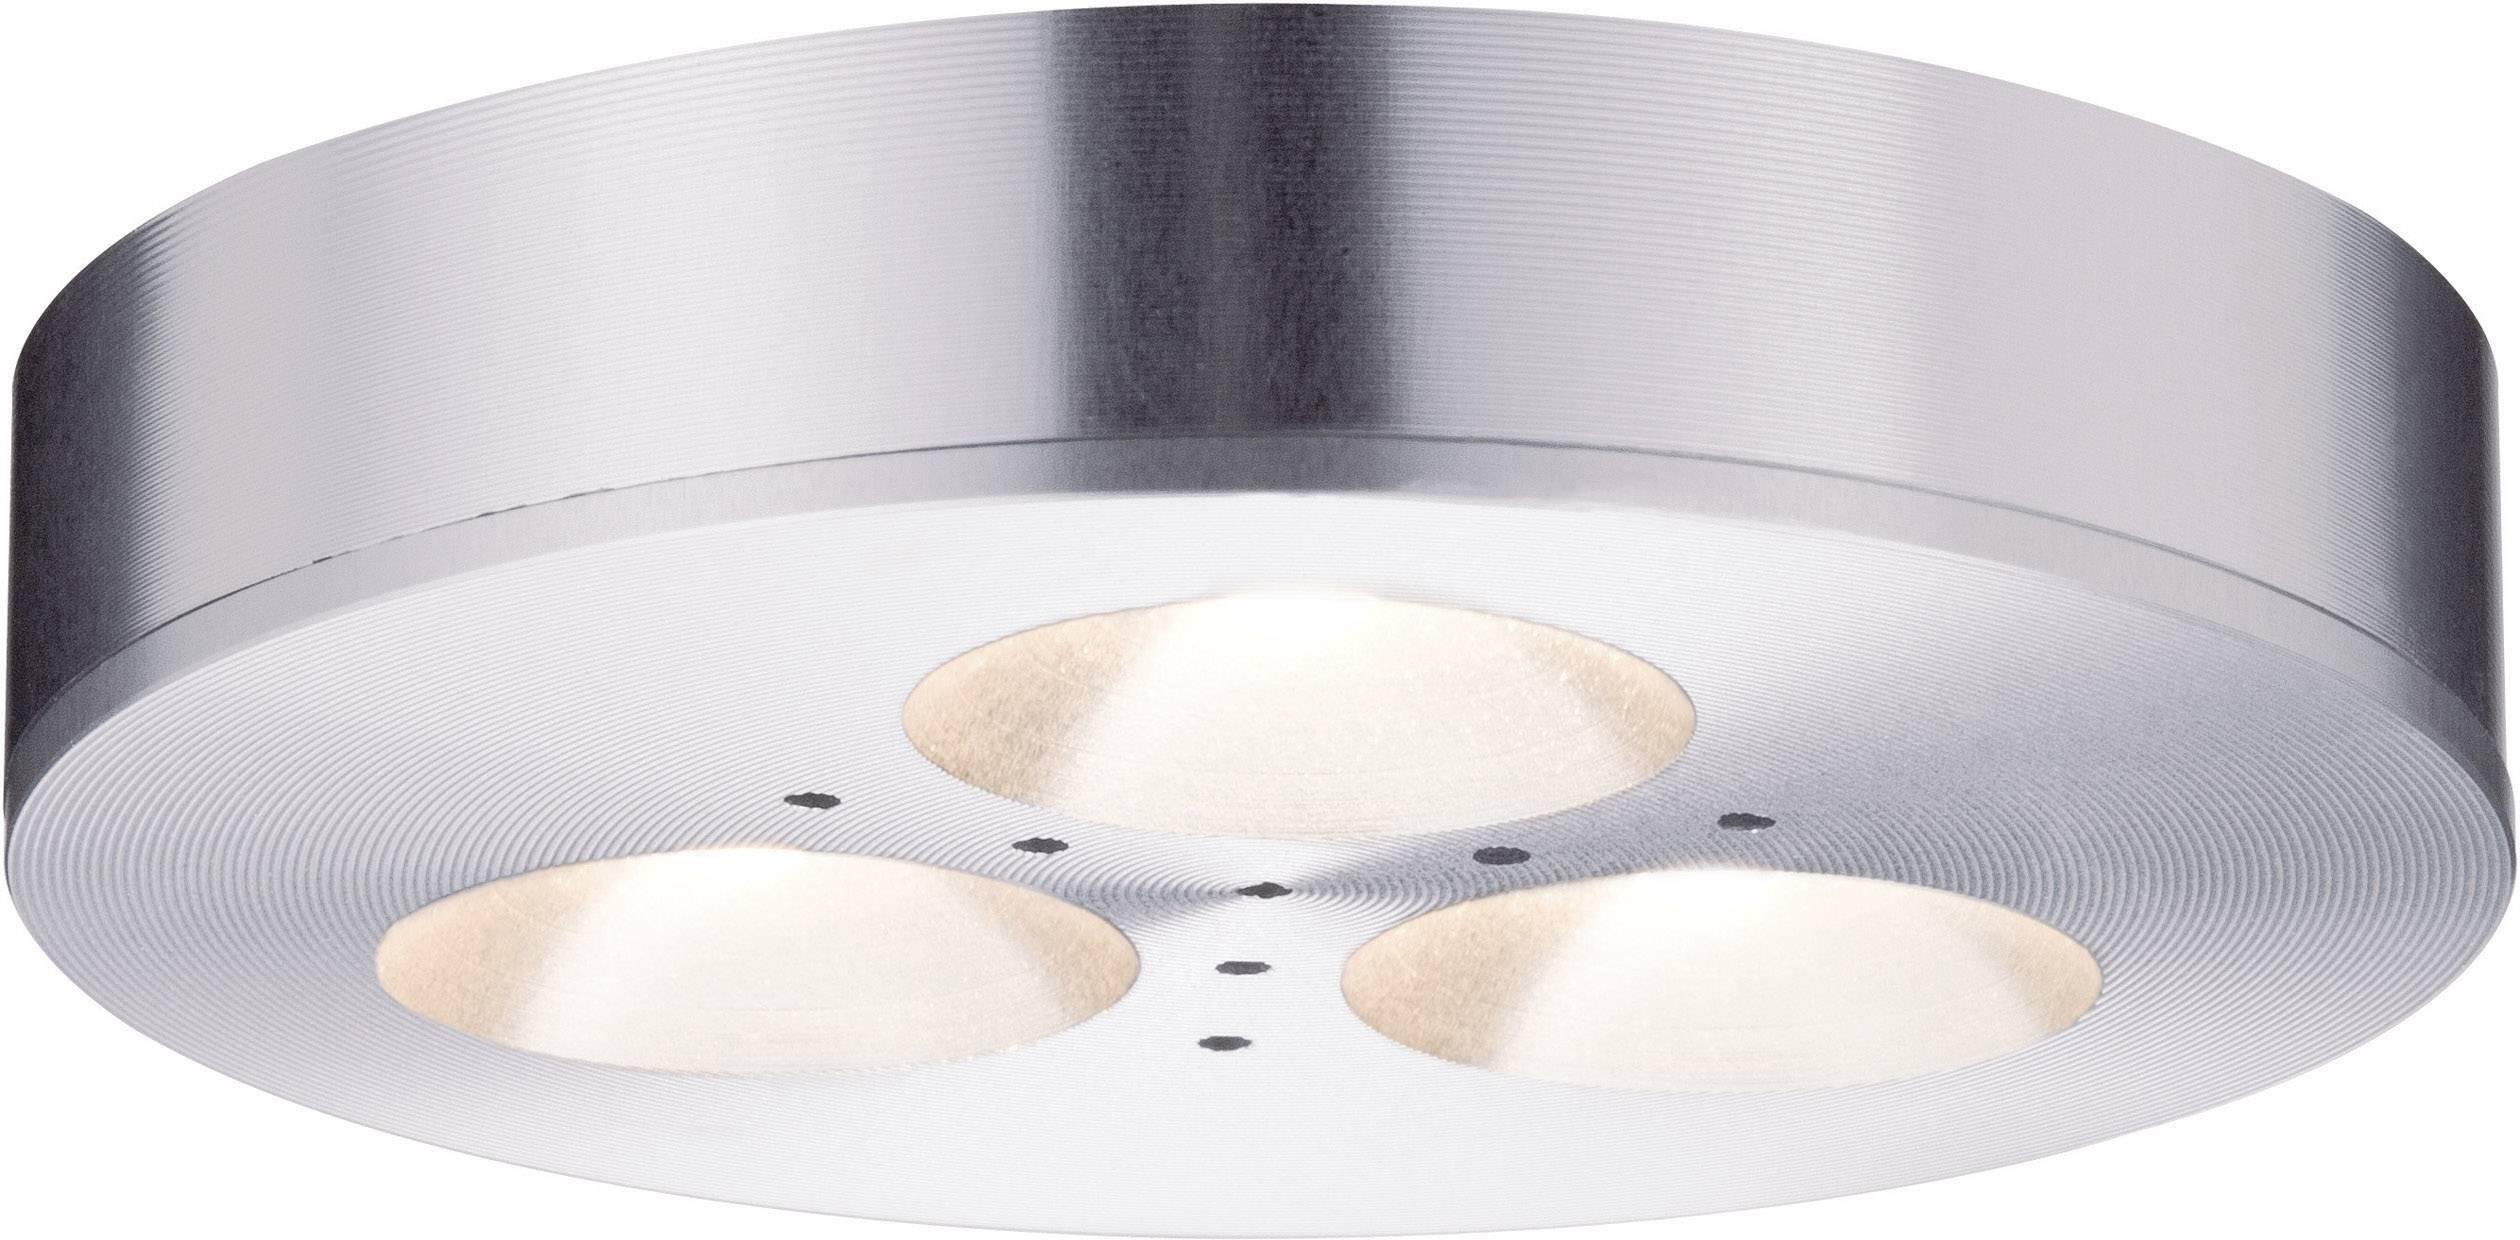 LED osvetlenie na stenu / strop Paulmann Micro Line Plane 9 W teplá biela sada 3 ks hliník